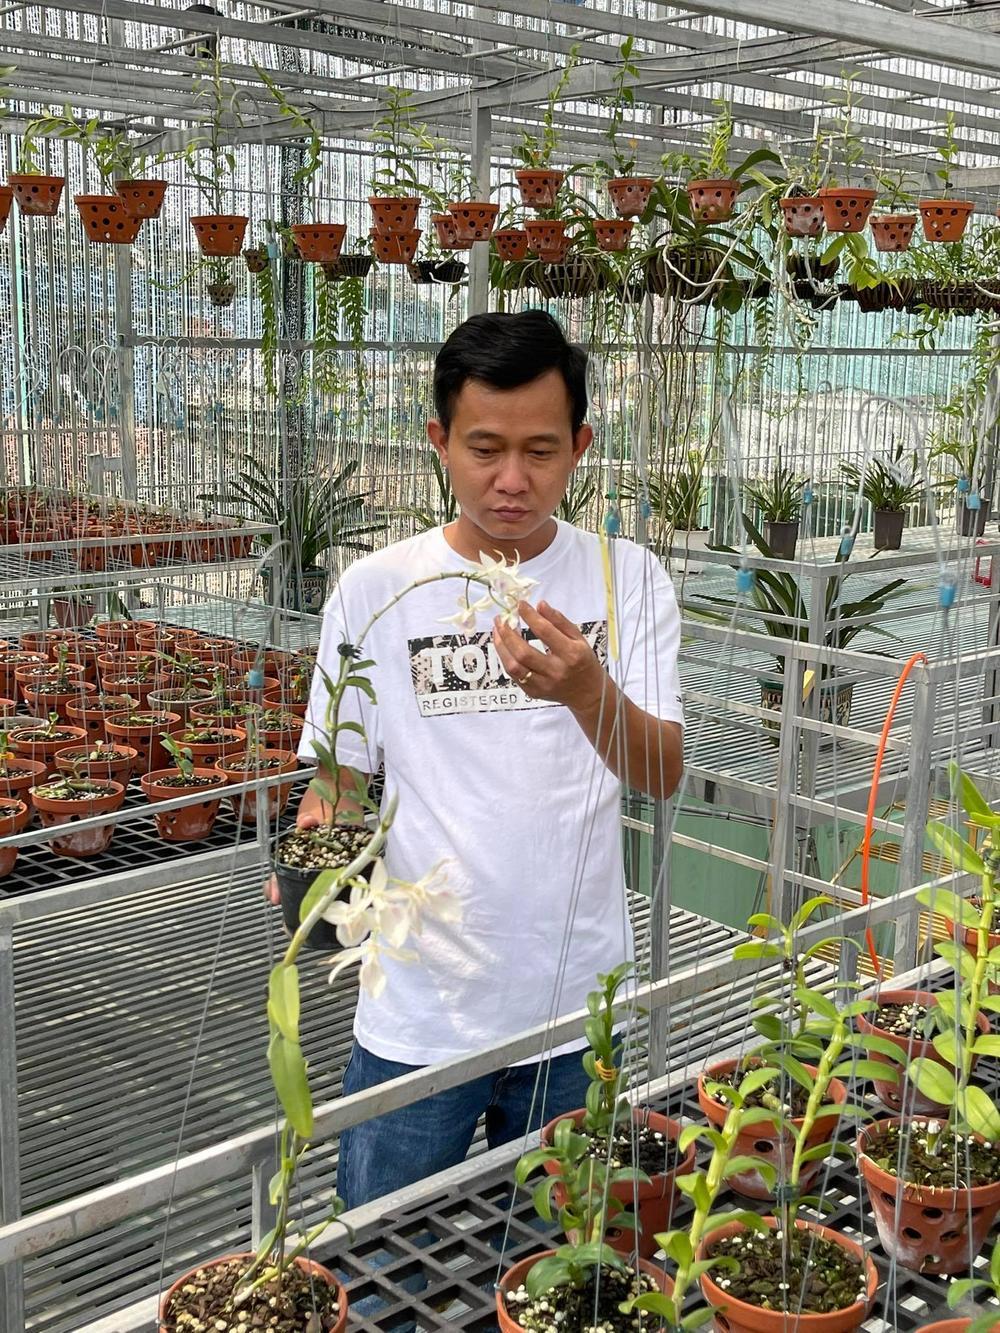 Phạm Minh Minh: Ông chủ vườn lan đi từ thử thách tới thành công Ảnh 6